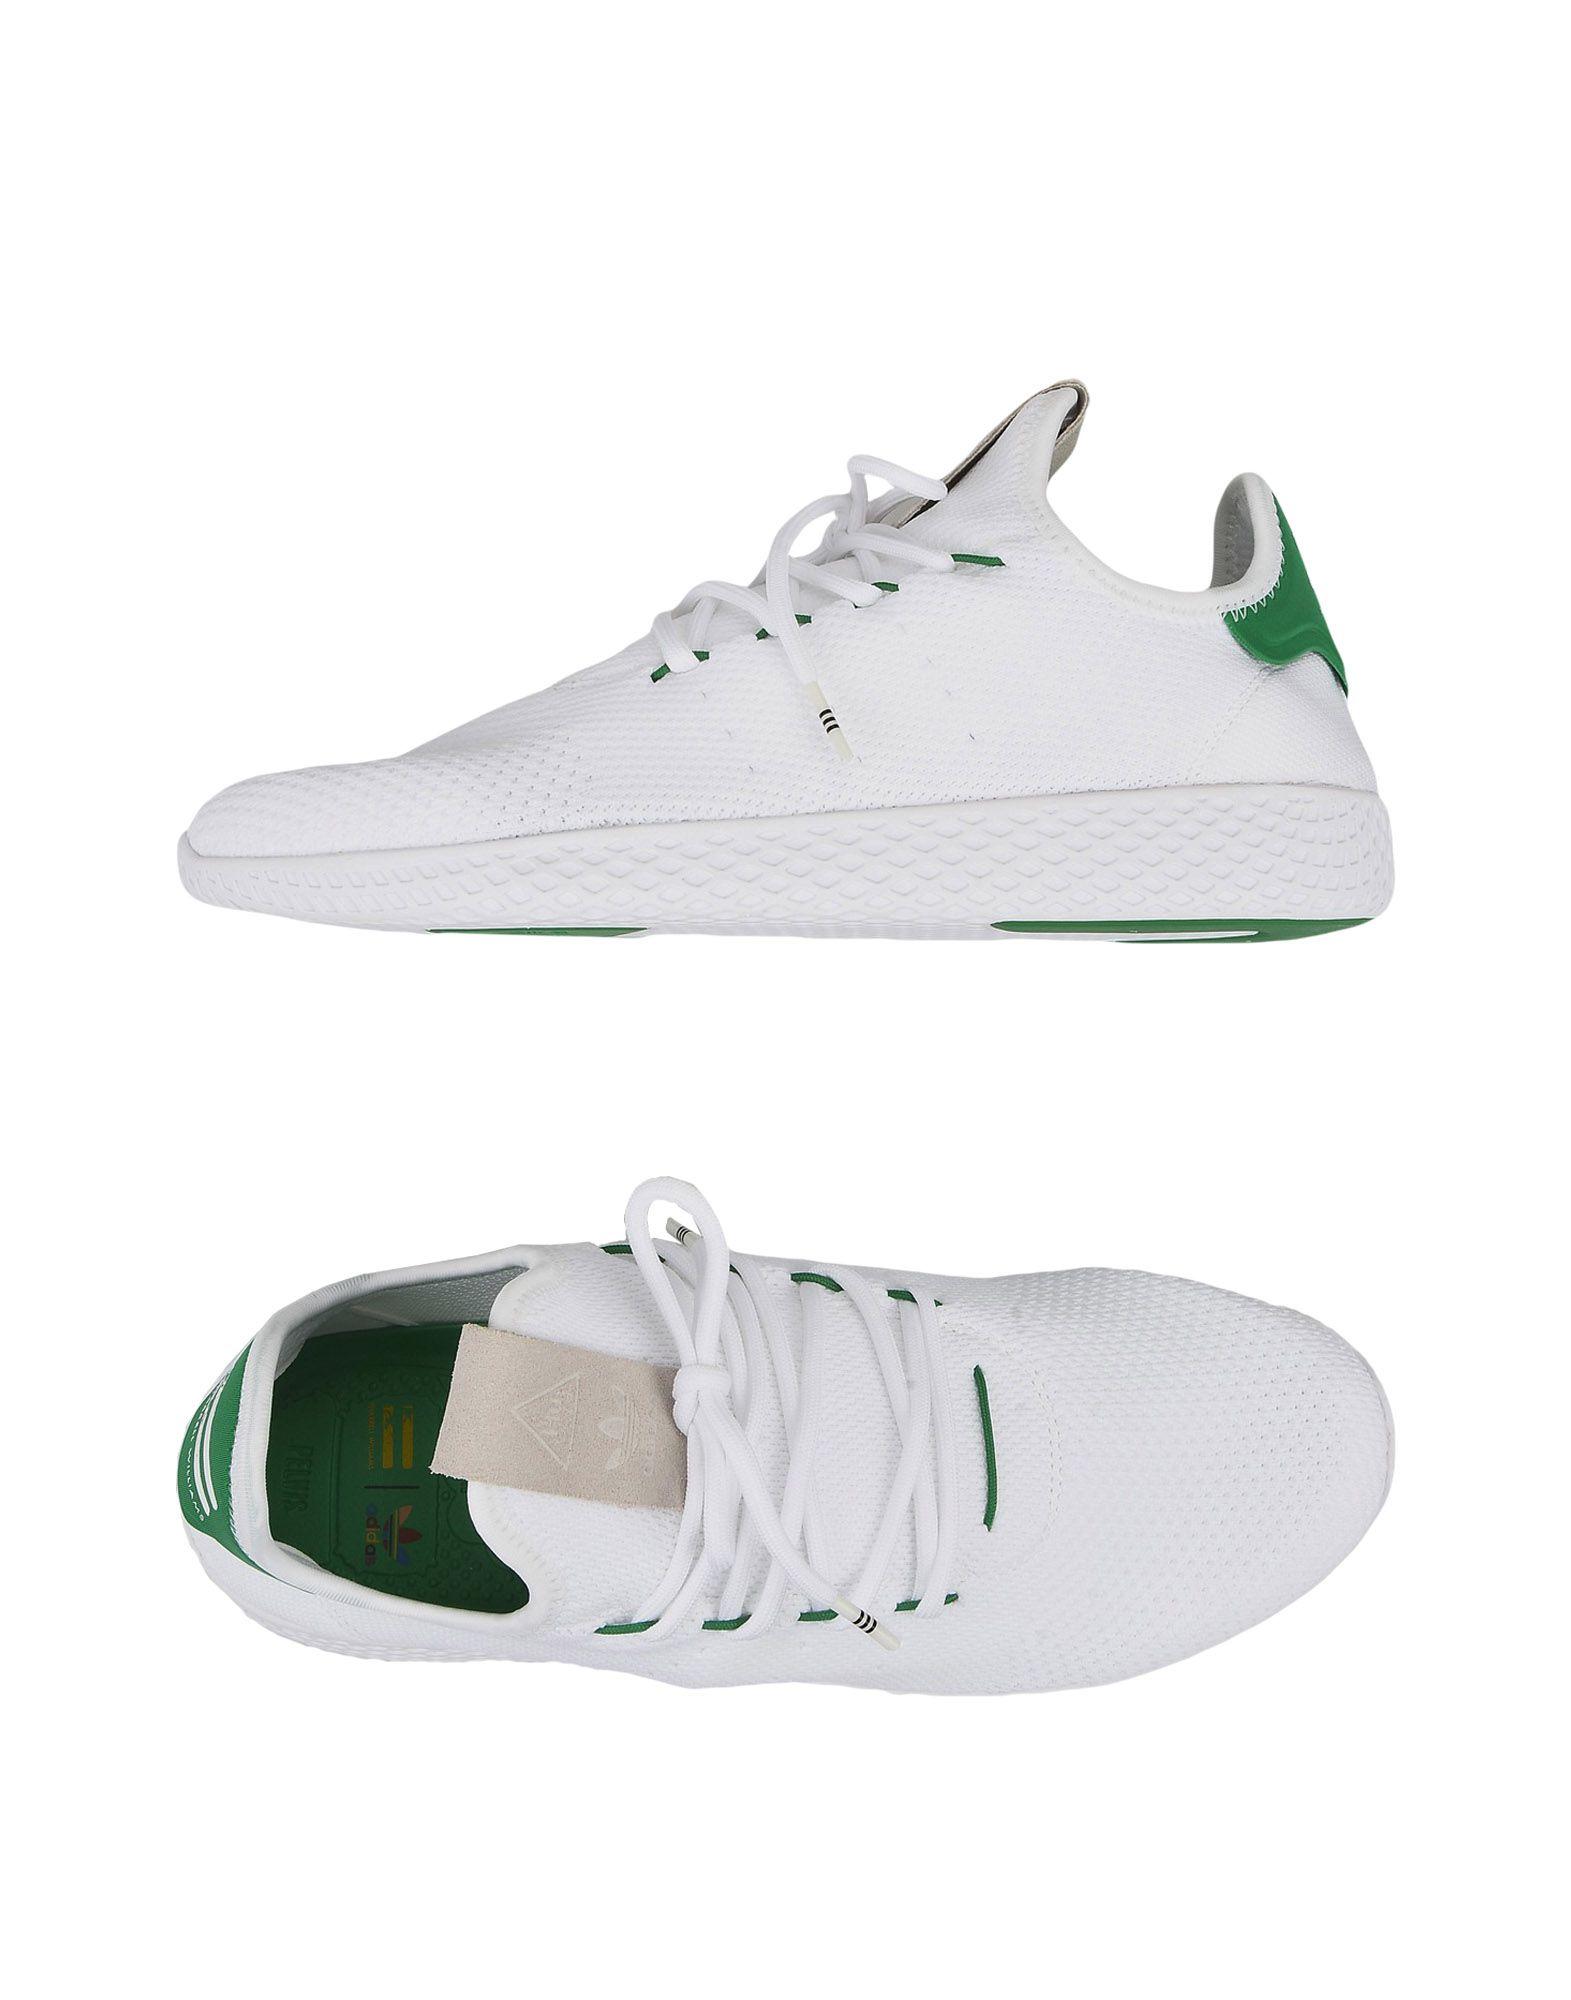 《送料無料》ADIDAS ORIGINALS by PHARRELL WILLIAMS メンズ スニーカー&テニスシューズ(ローカット) ホワイト 4.5 紡績繊維 TENNIS HU